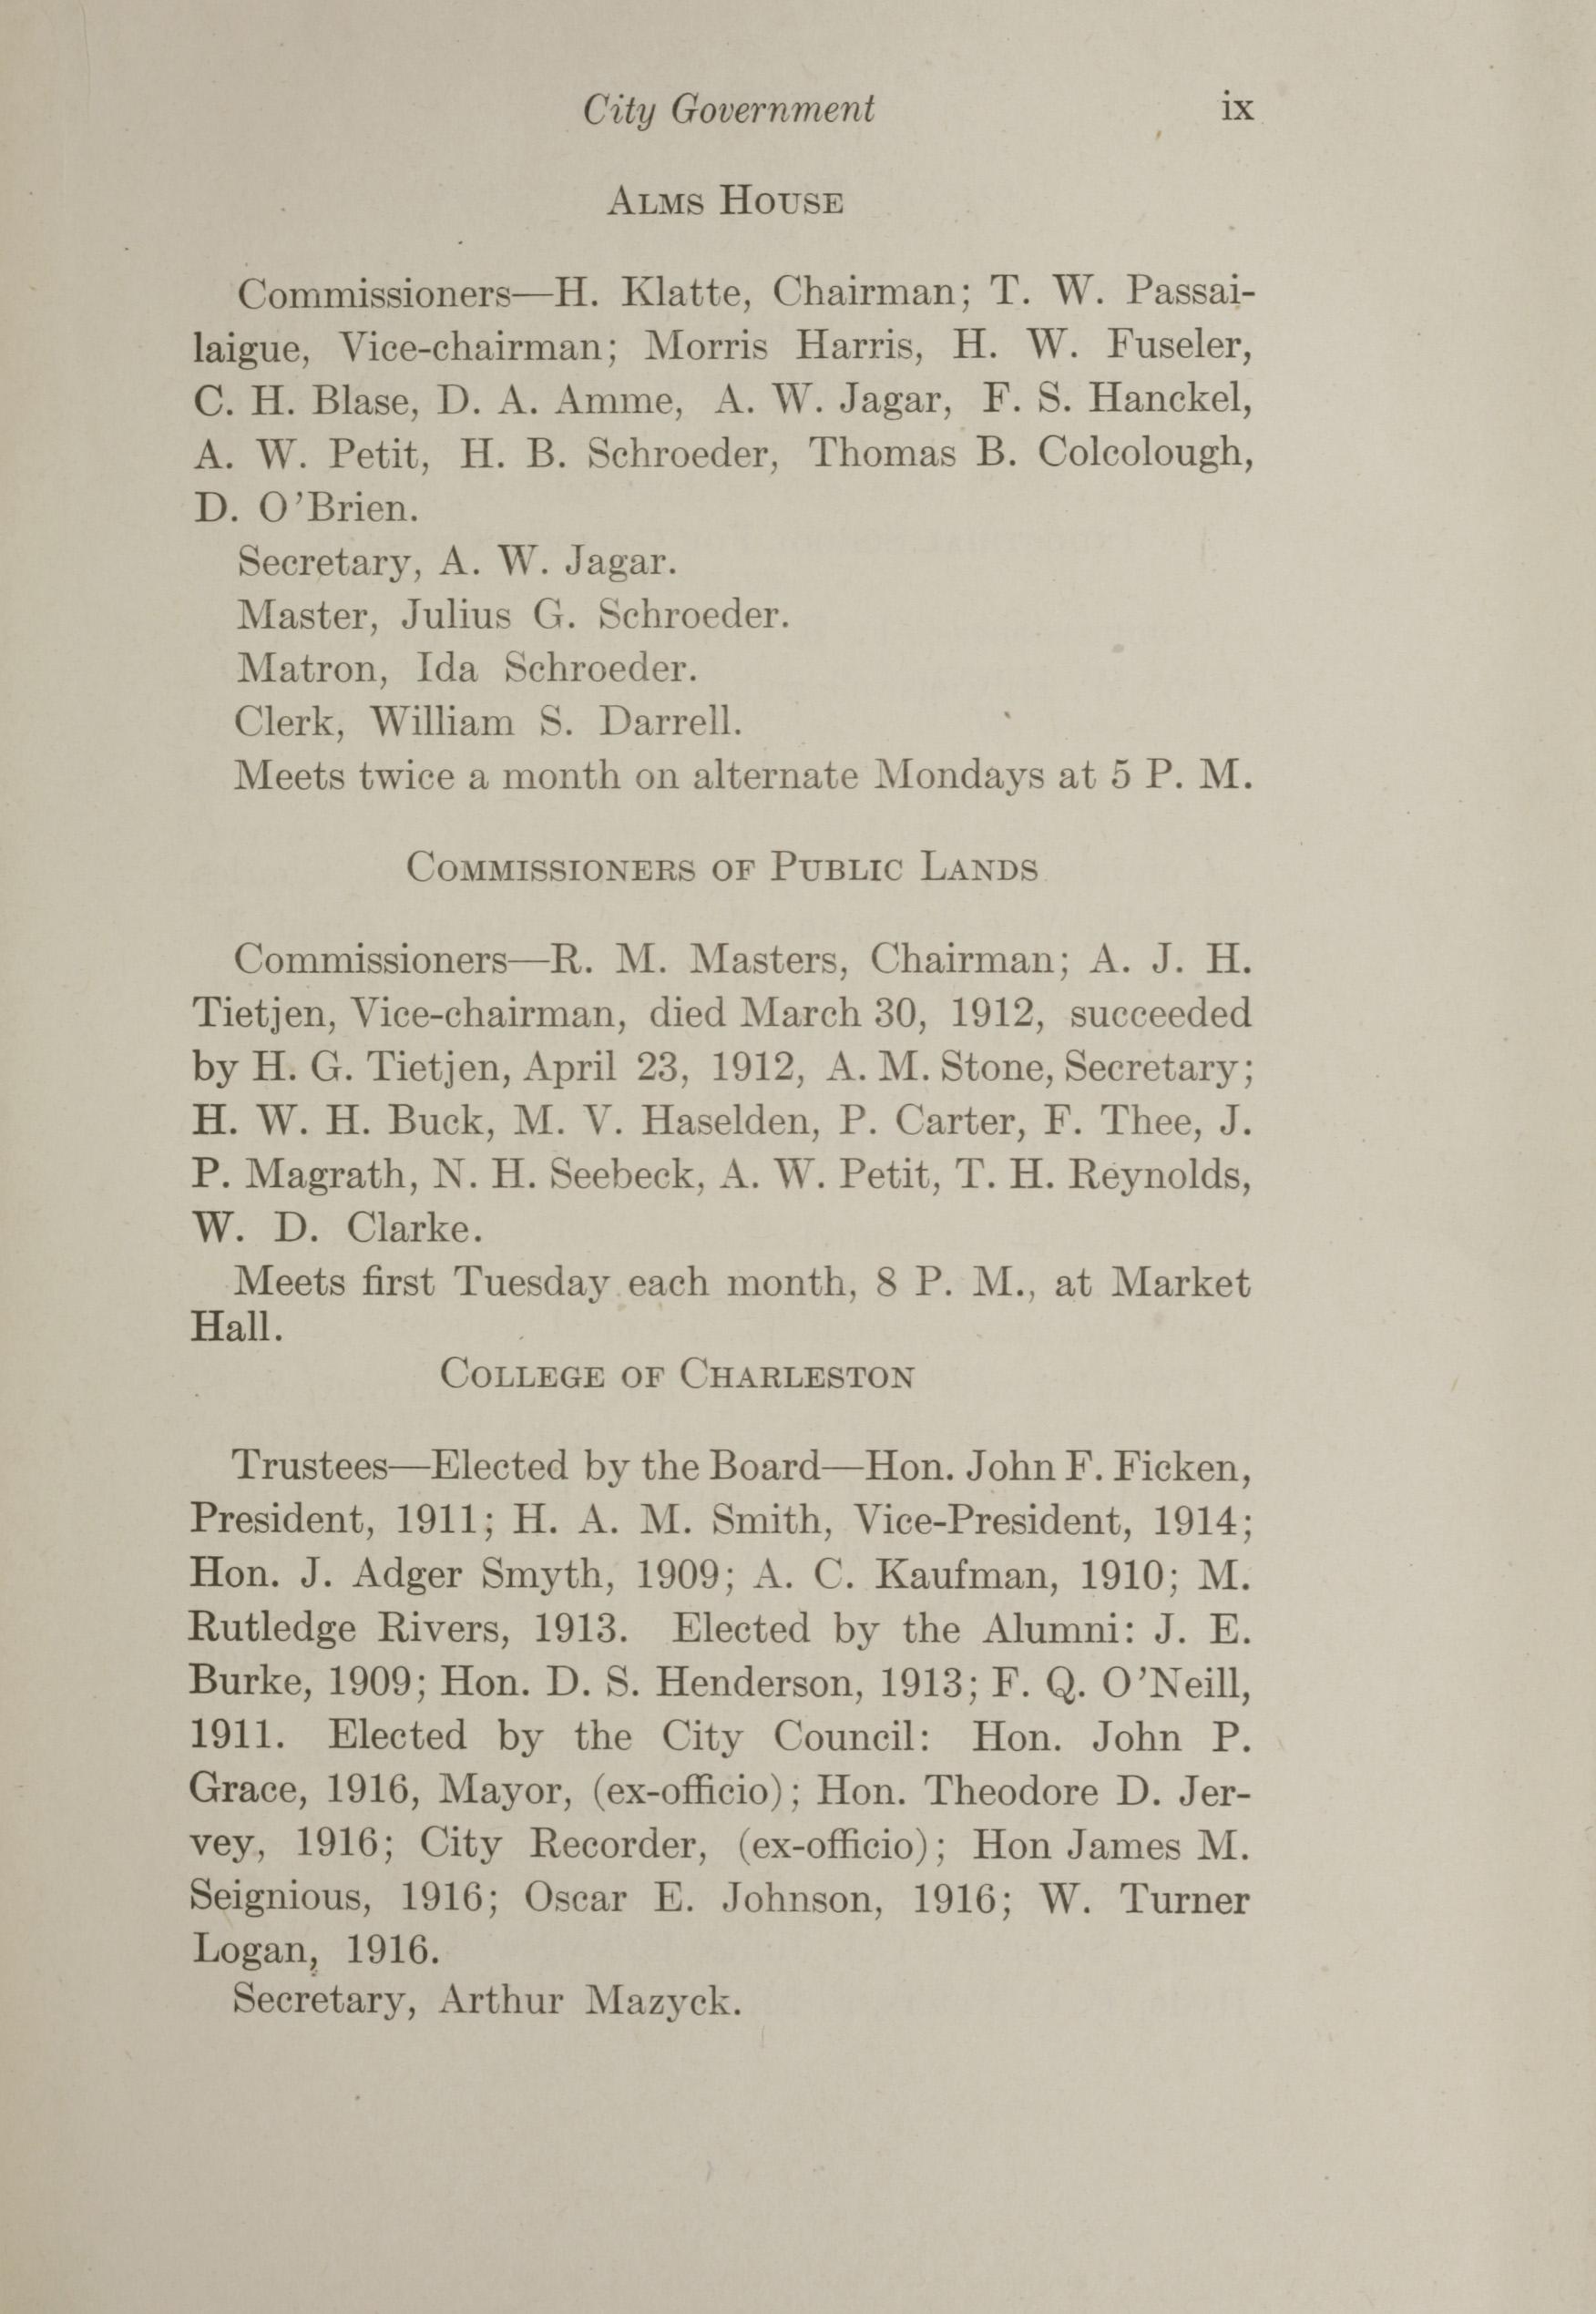 Charleston Yearbook, 1912, page ix